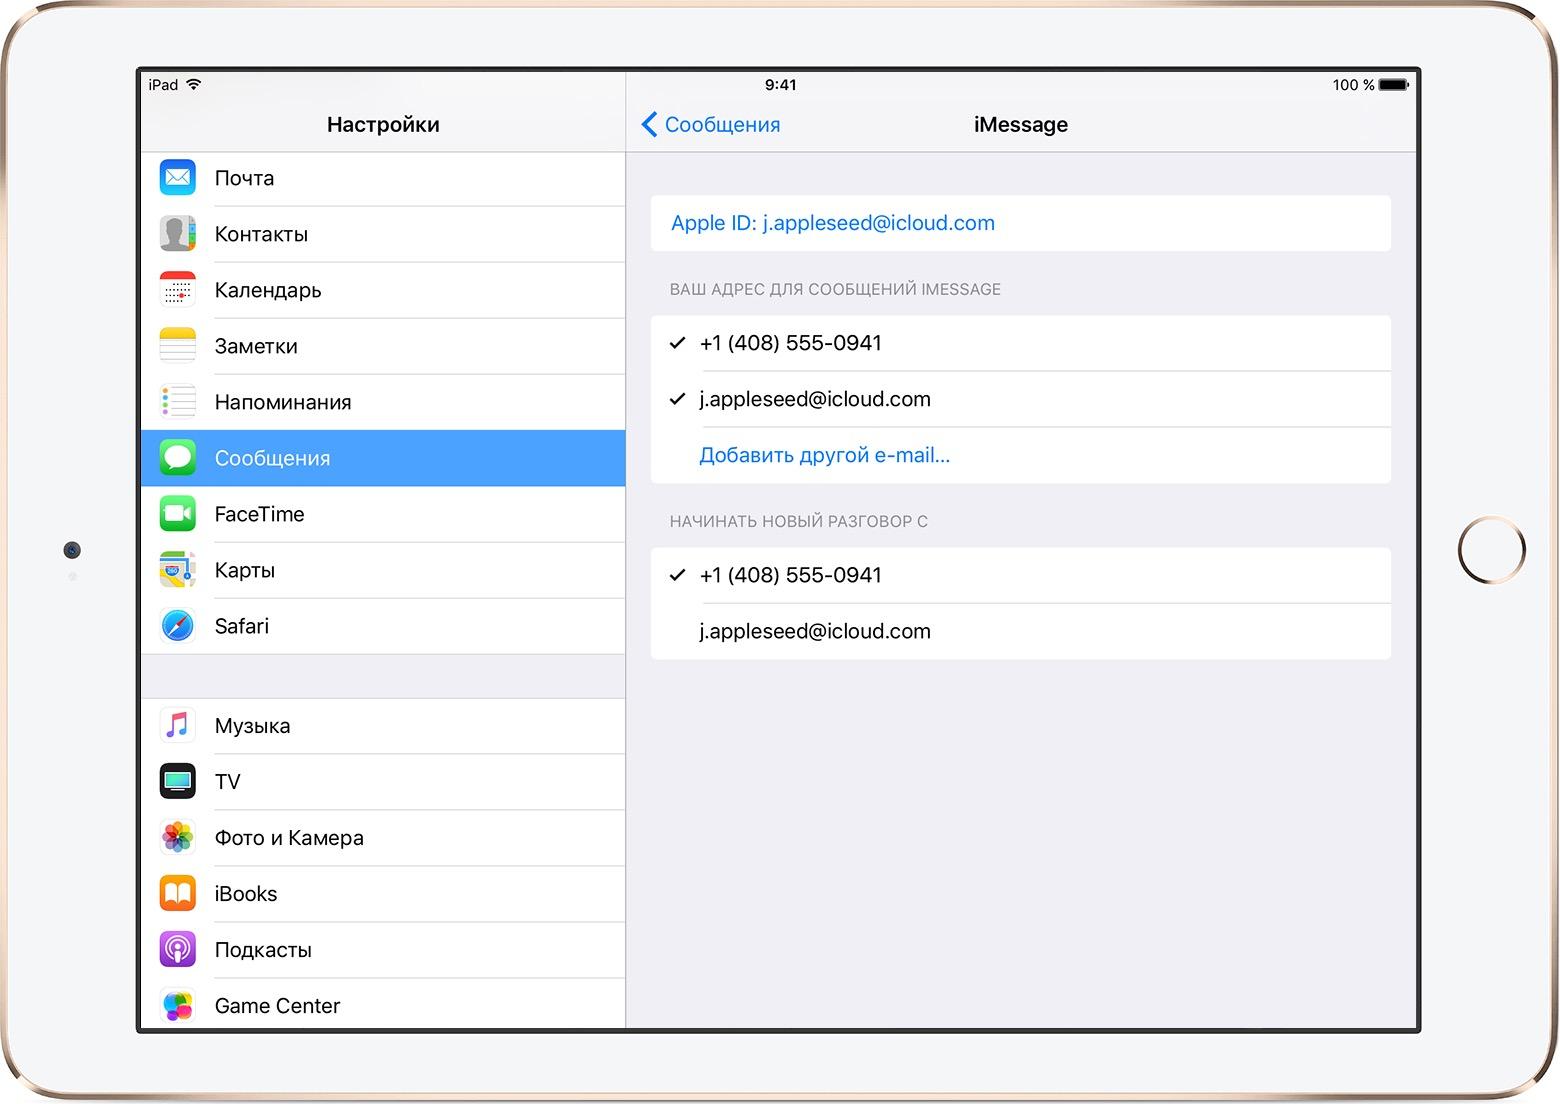 566b8a71d إيقاف تشغيل خدمة FaceTime. للقيام بذلك ، انتقل إلى قائمة